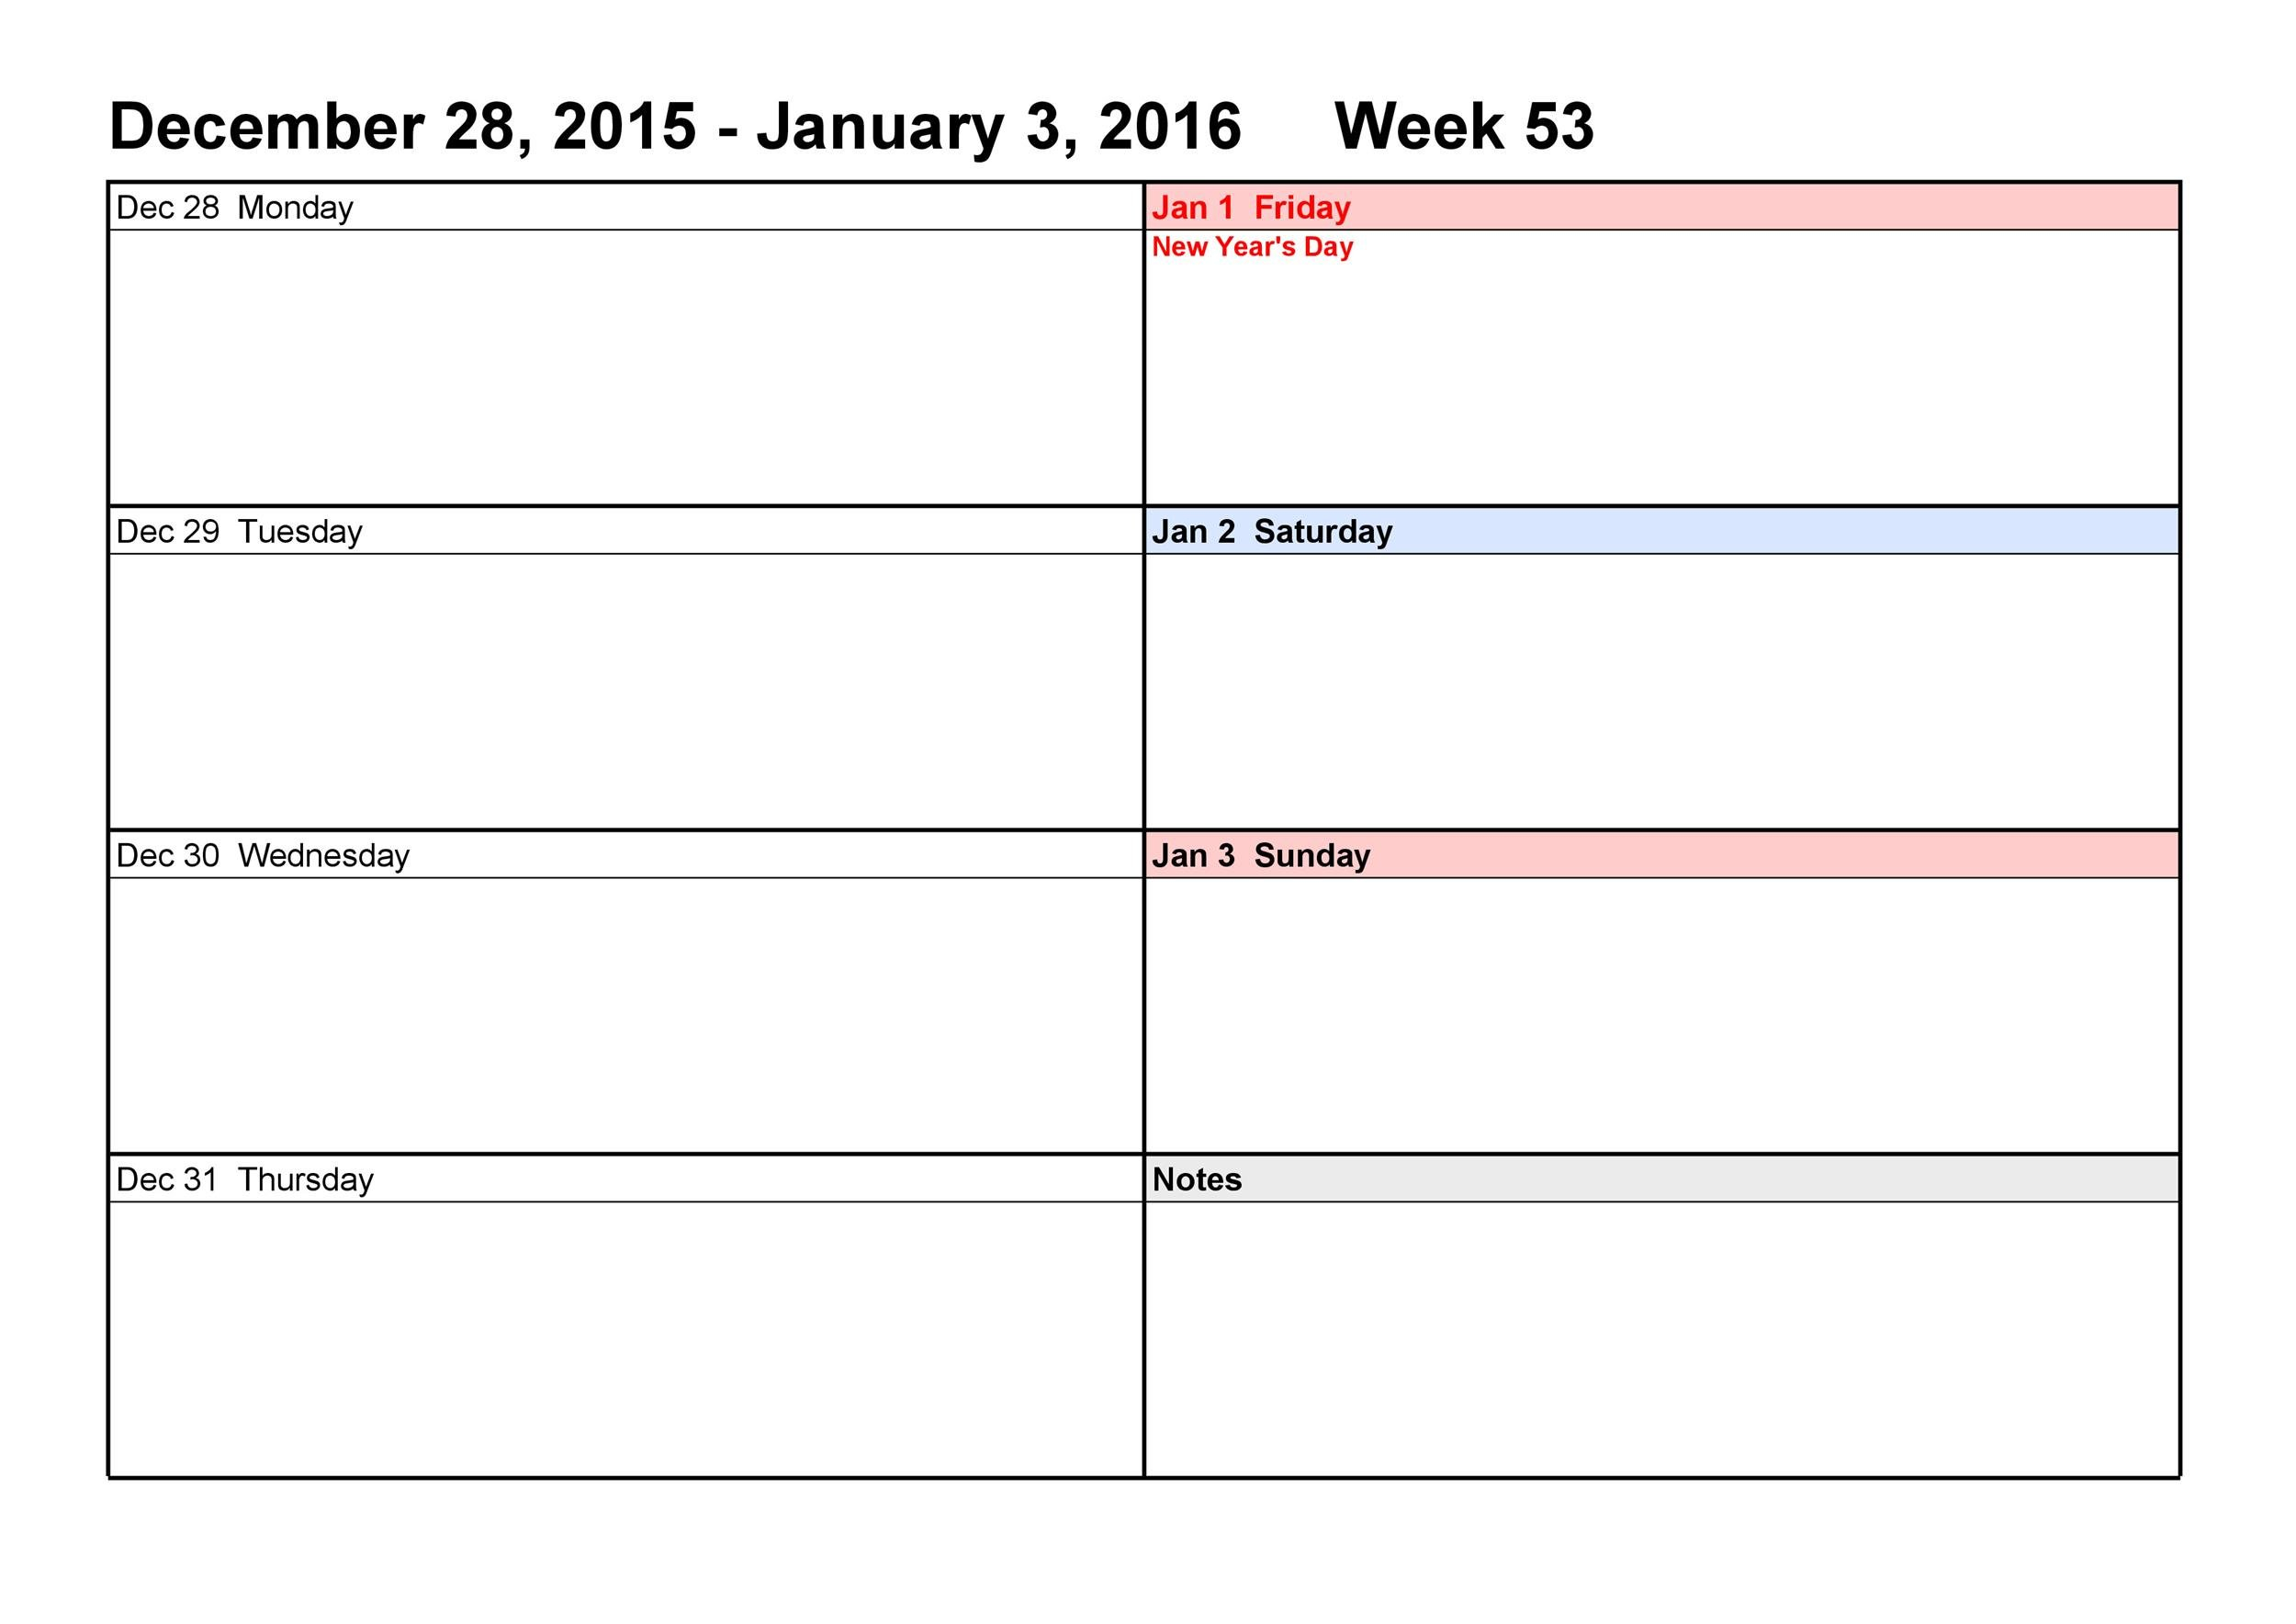 26 Blank Weekly Calendar Templates [Pdf, Excel, Word] ᐅ Two Week Schedule Pdf